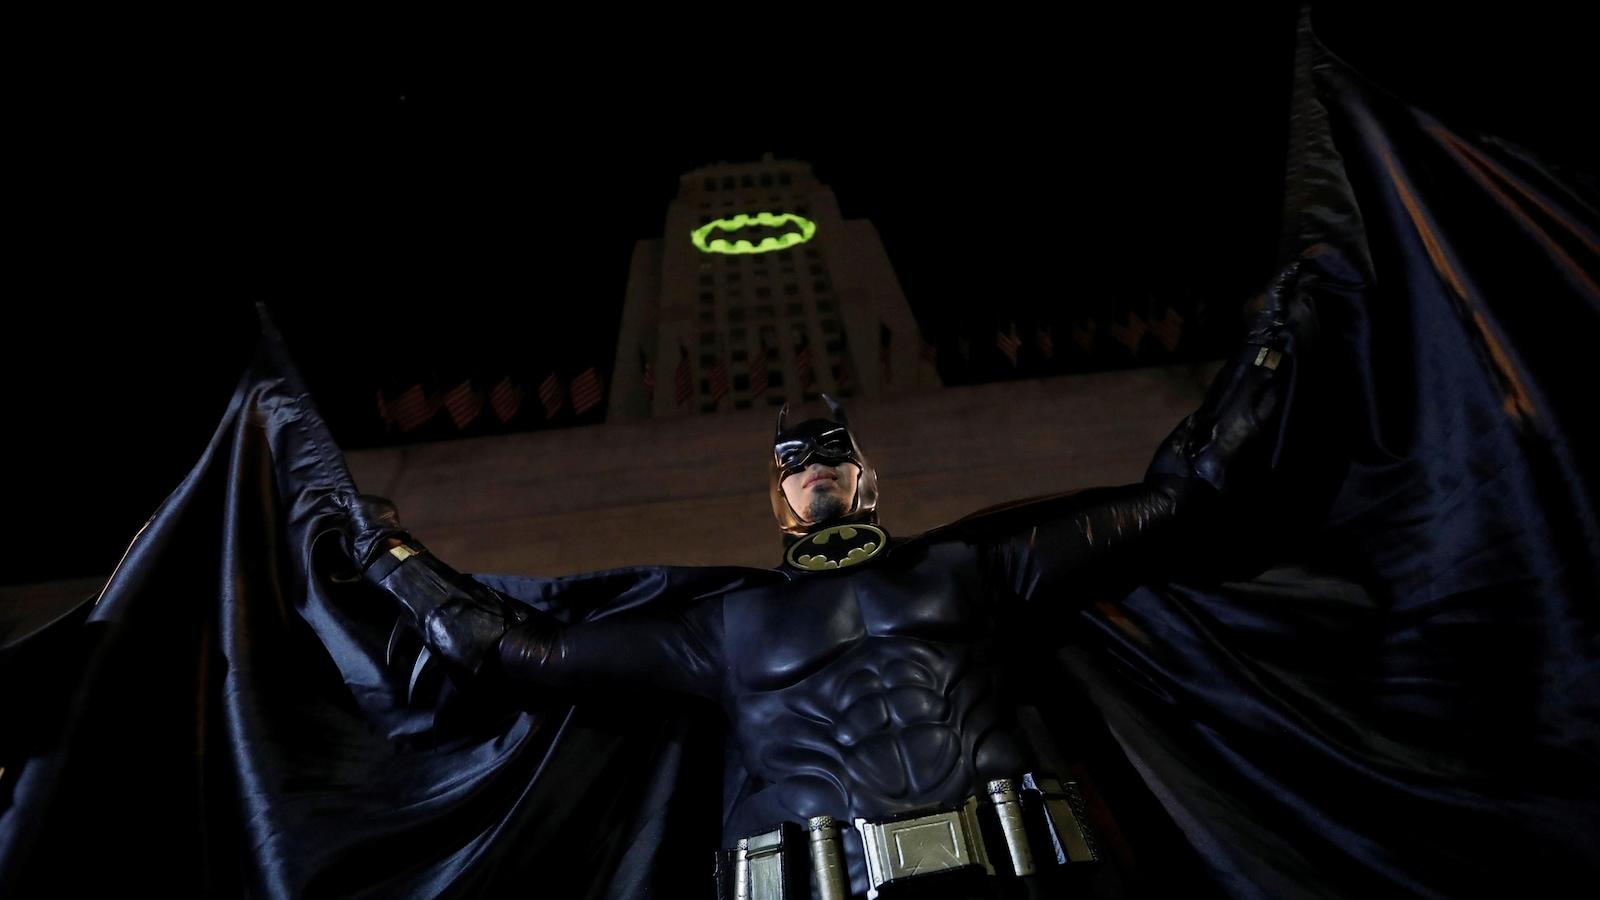 Une personne déguisée en Batman prend la pose devant une projection sur l'hôtel de ville de Los Angeles, en Californie, en hommage à l'acteur Adam West qui incarnait le personnage.